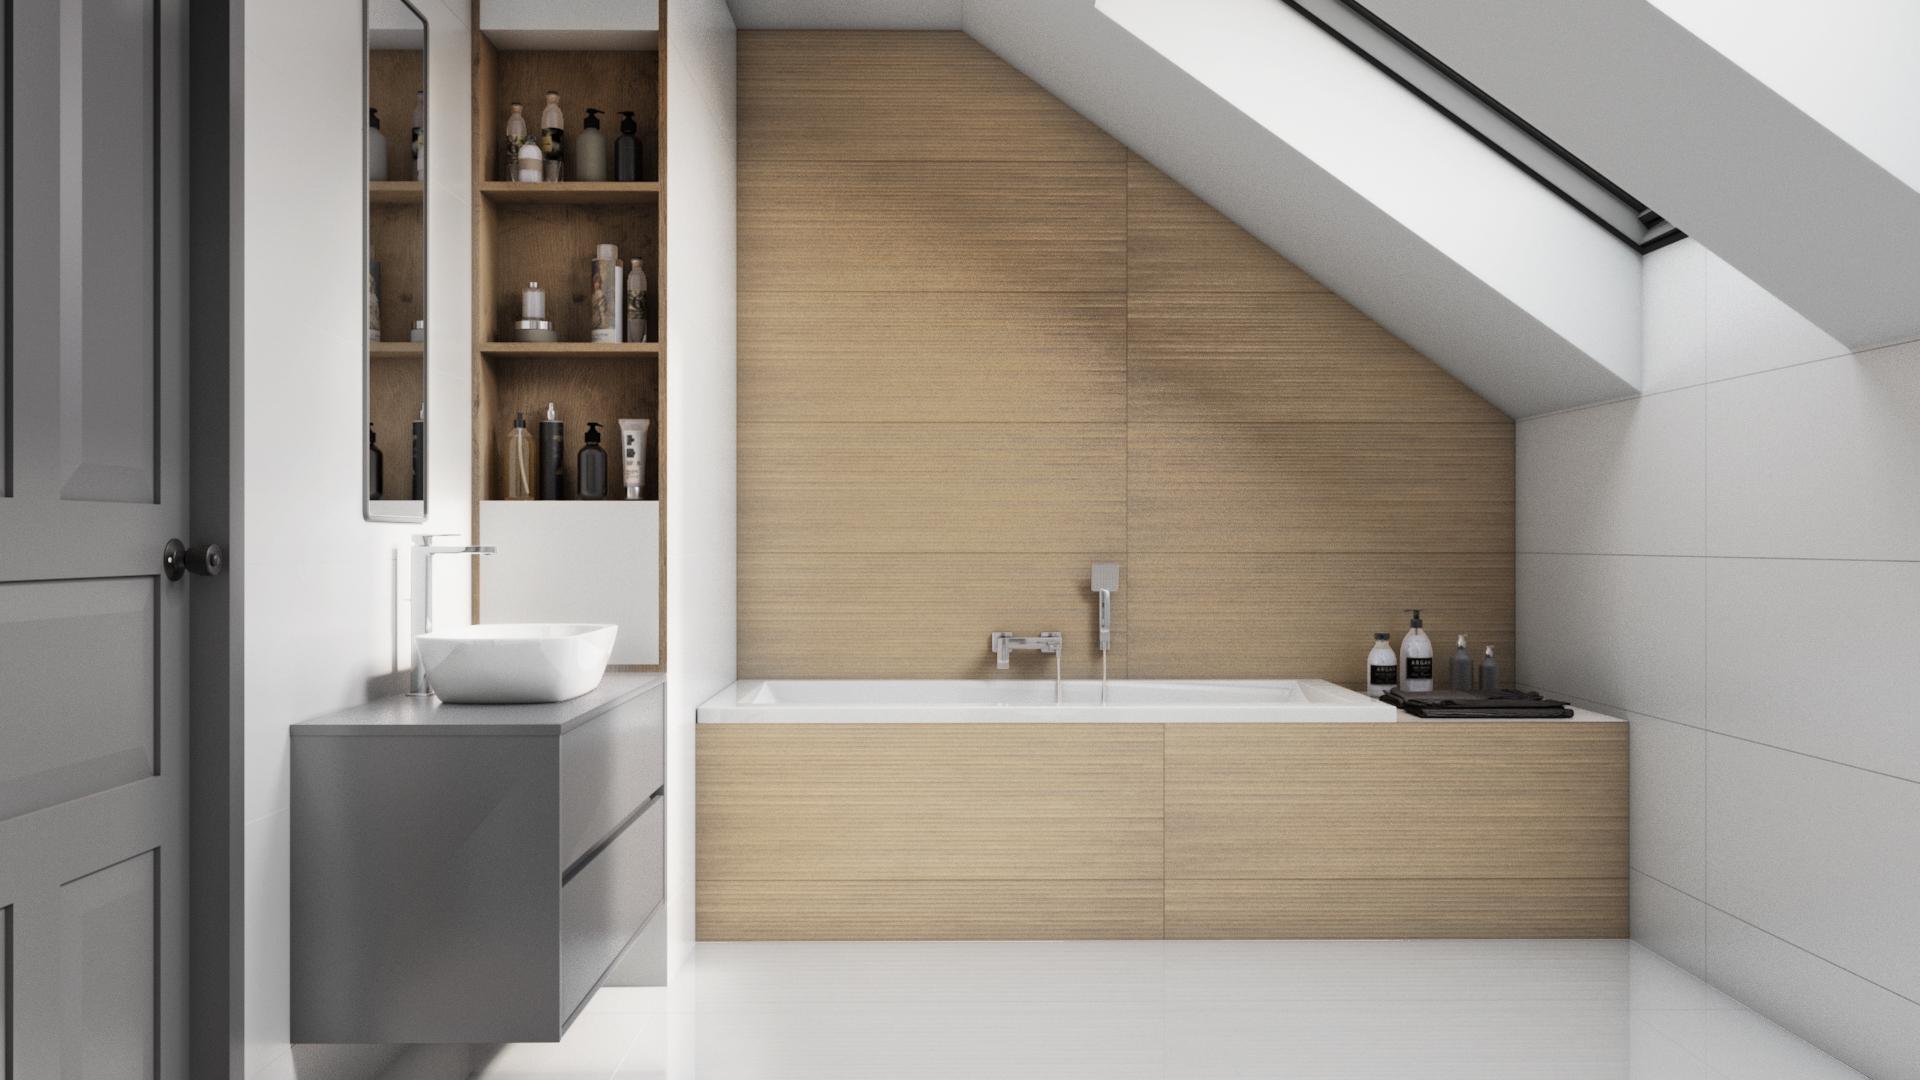 biała płytka podłogowa w łazience